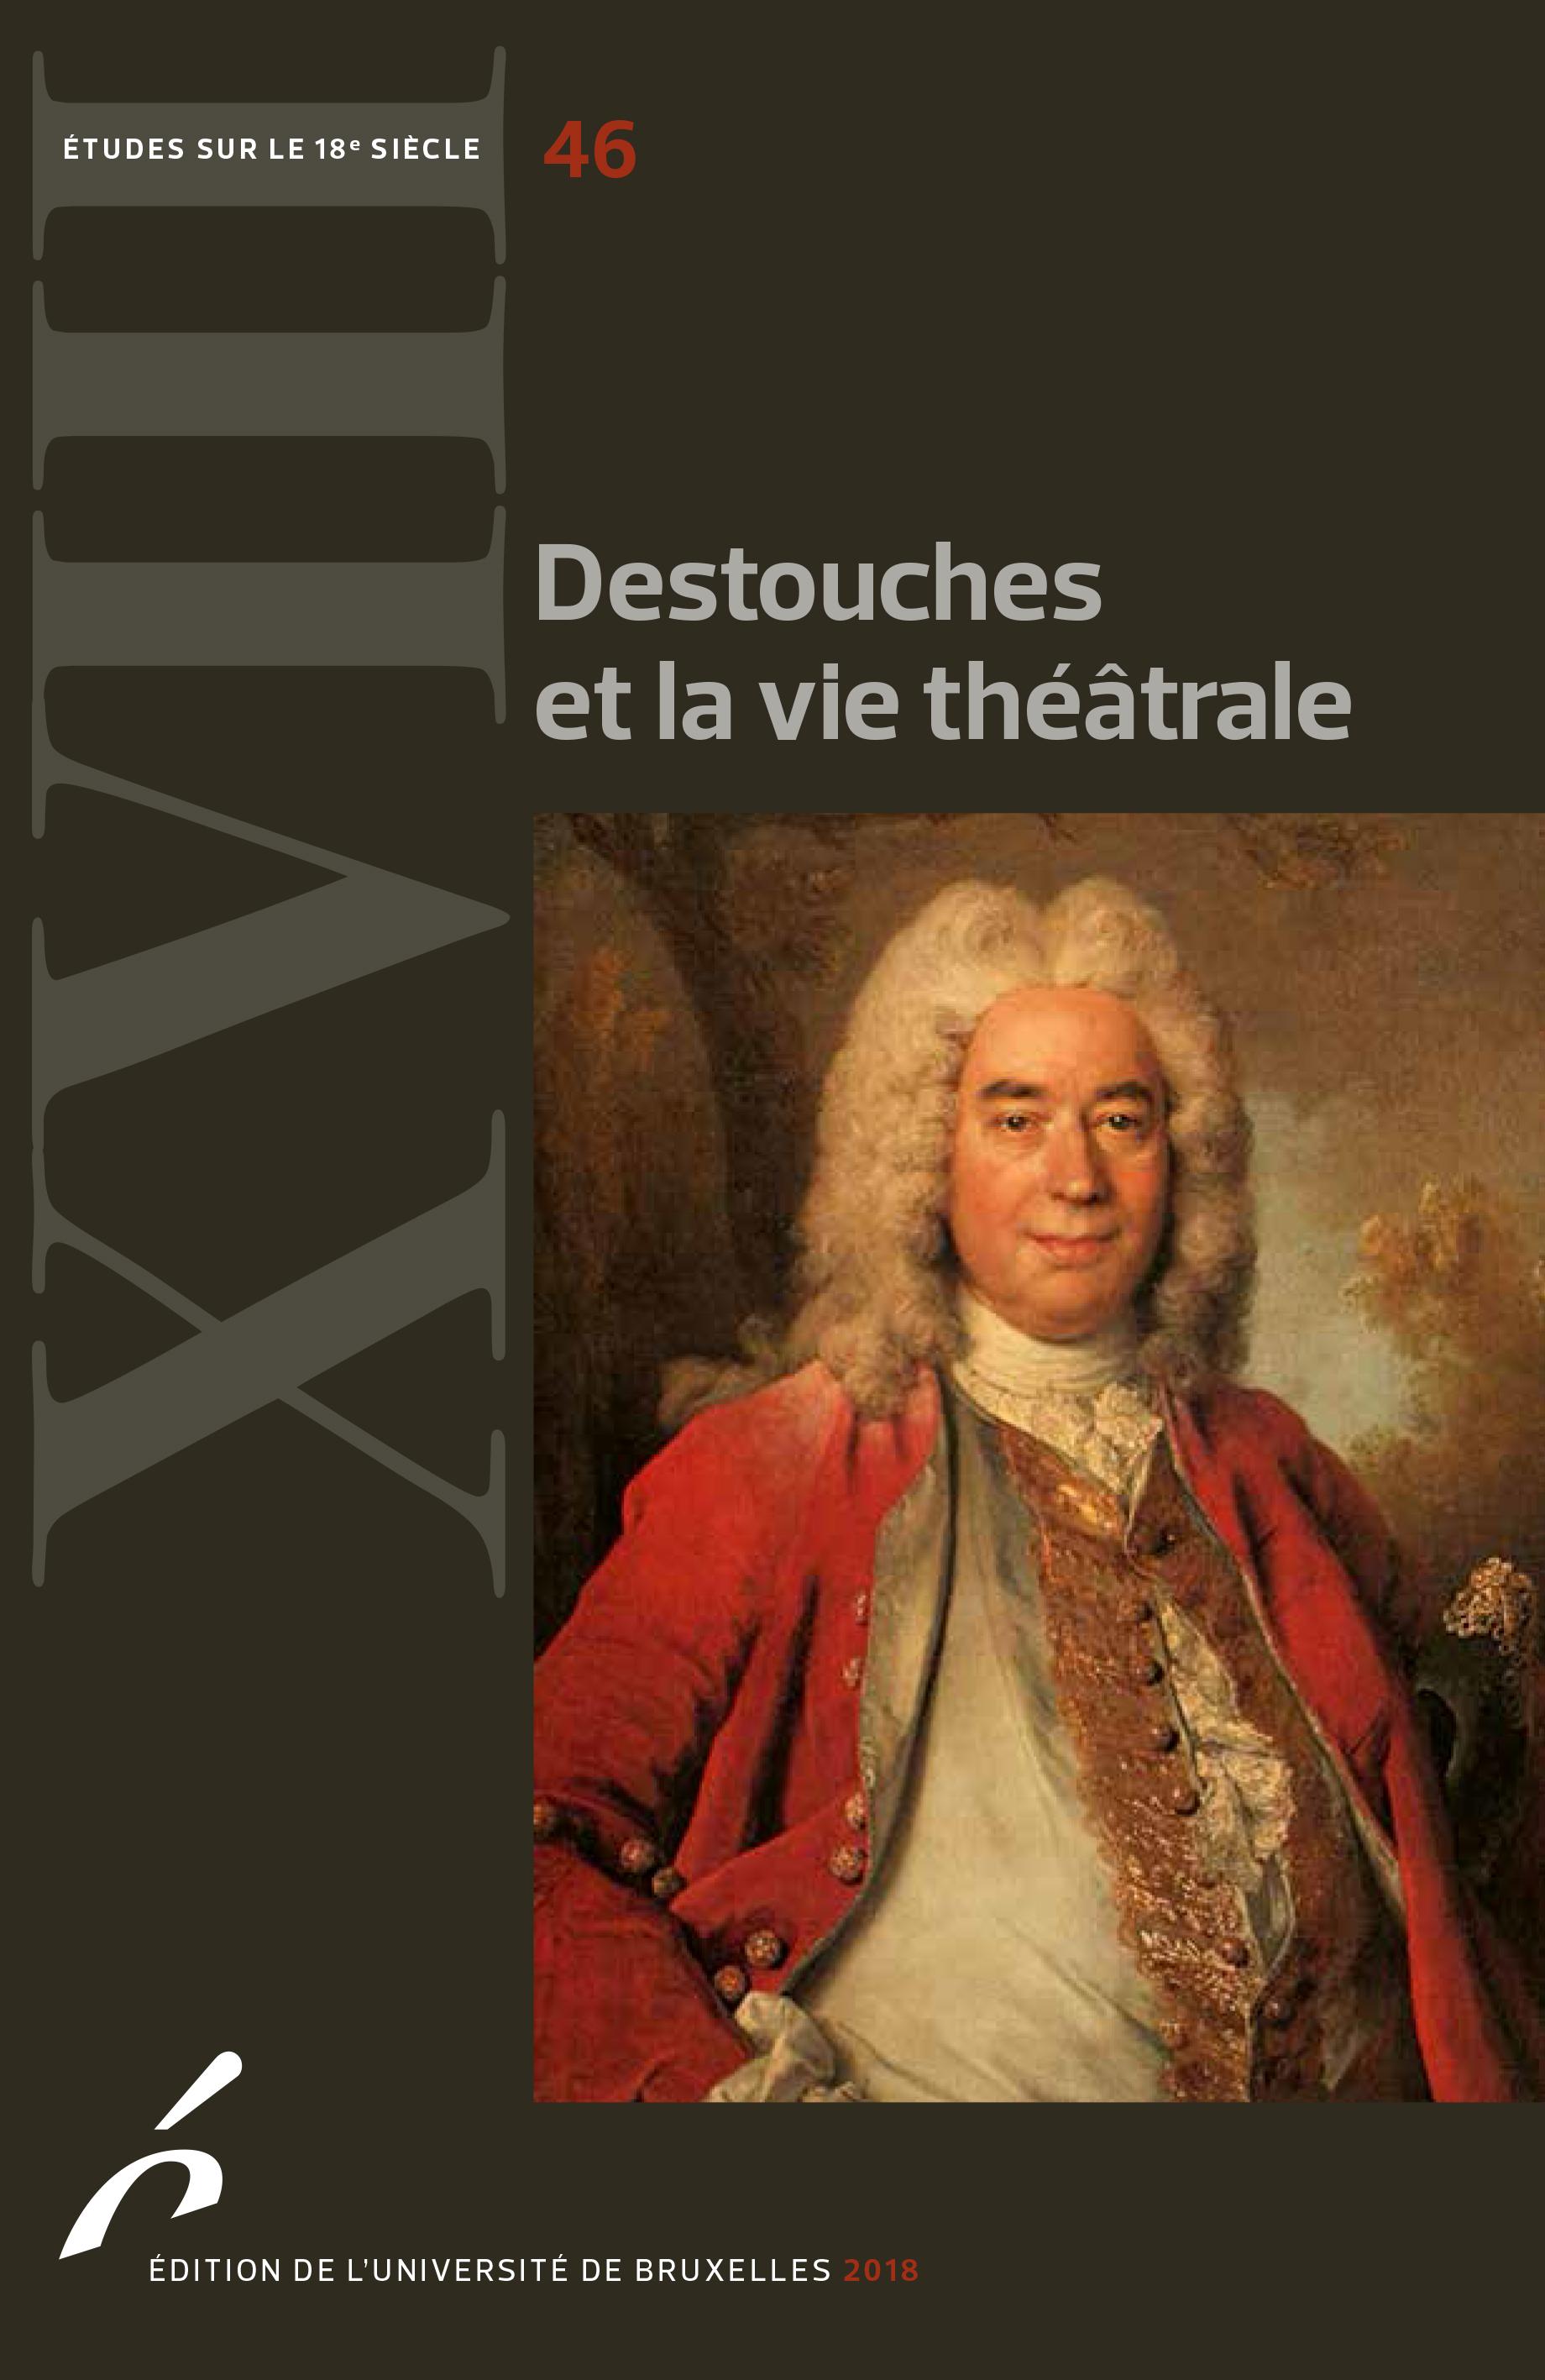 M-E. Plagnol-Diéval, M. Poirson, C. Ramond (dir.), Destouches et la vie théâtrale